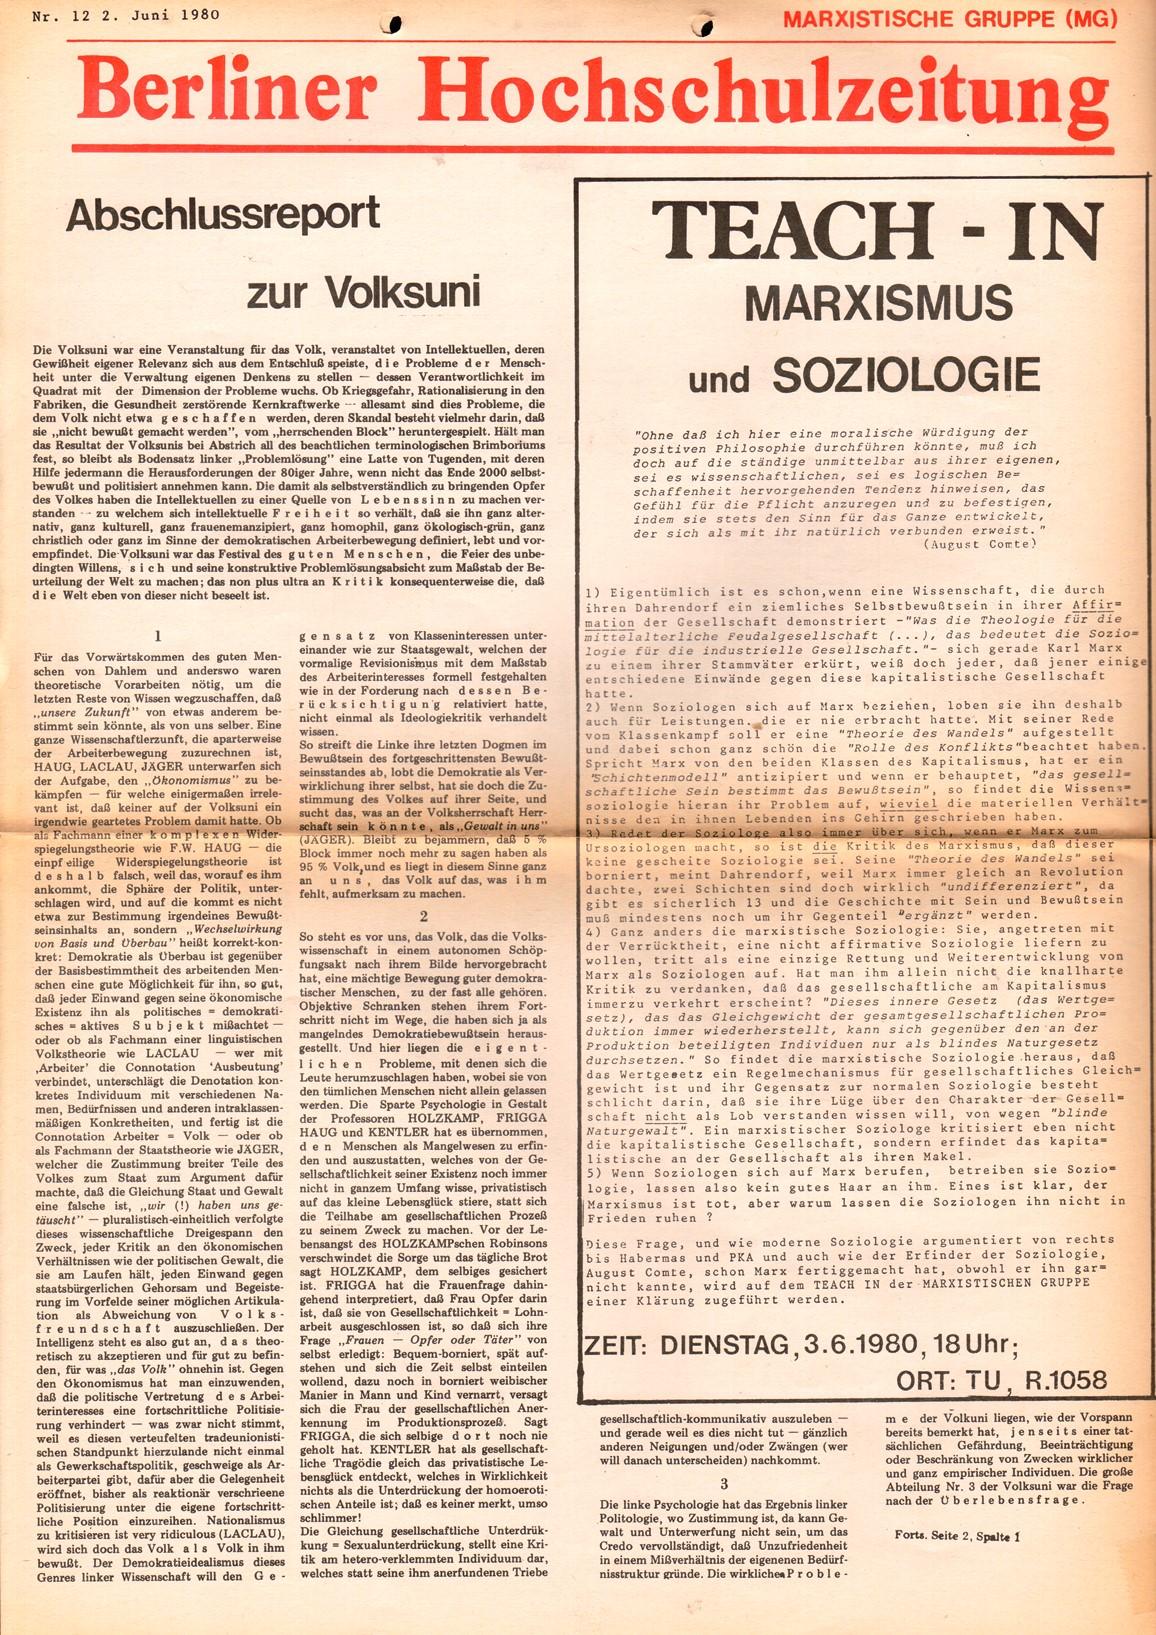 Berlin_MG_Hochschulzeitung_19800602_01